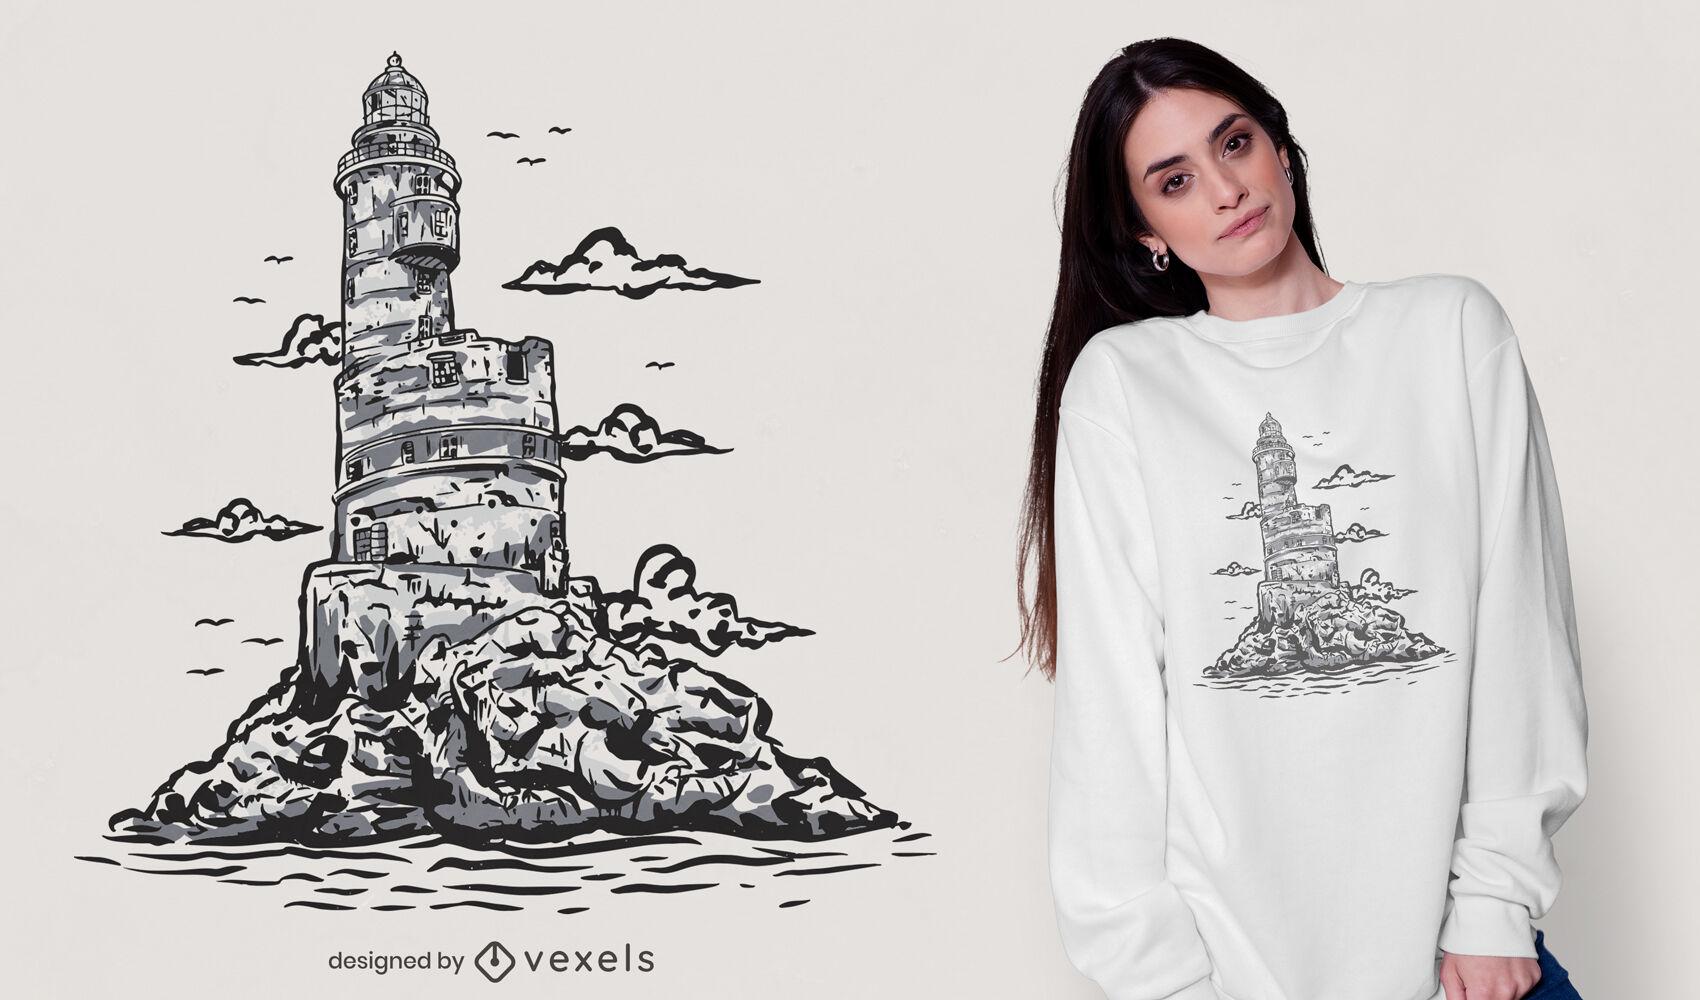 Lighthouse ocean illustration t-shirt design